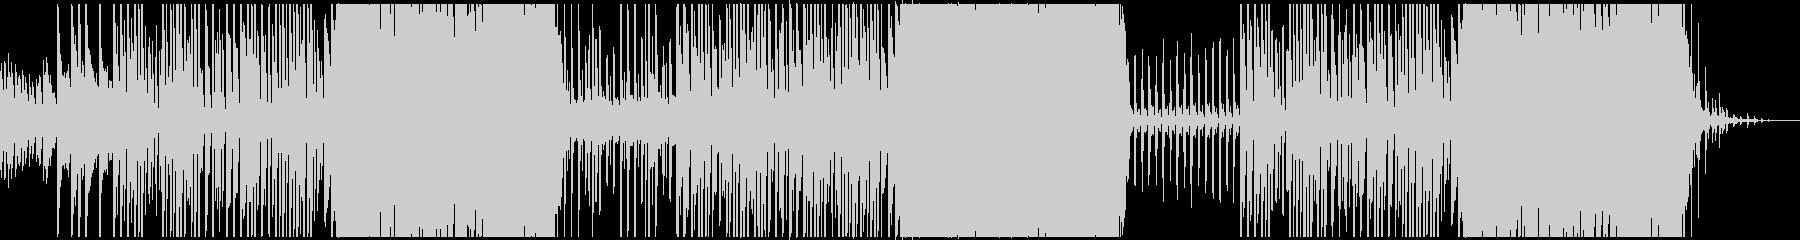 切ない雰囲気の和風ピアノBGMの未再生の波形